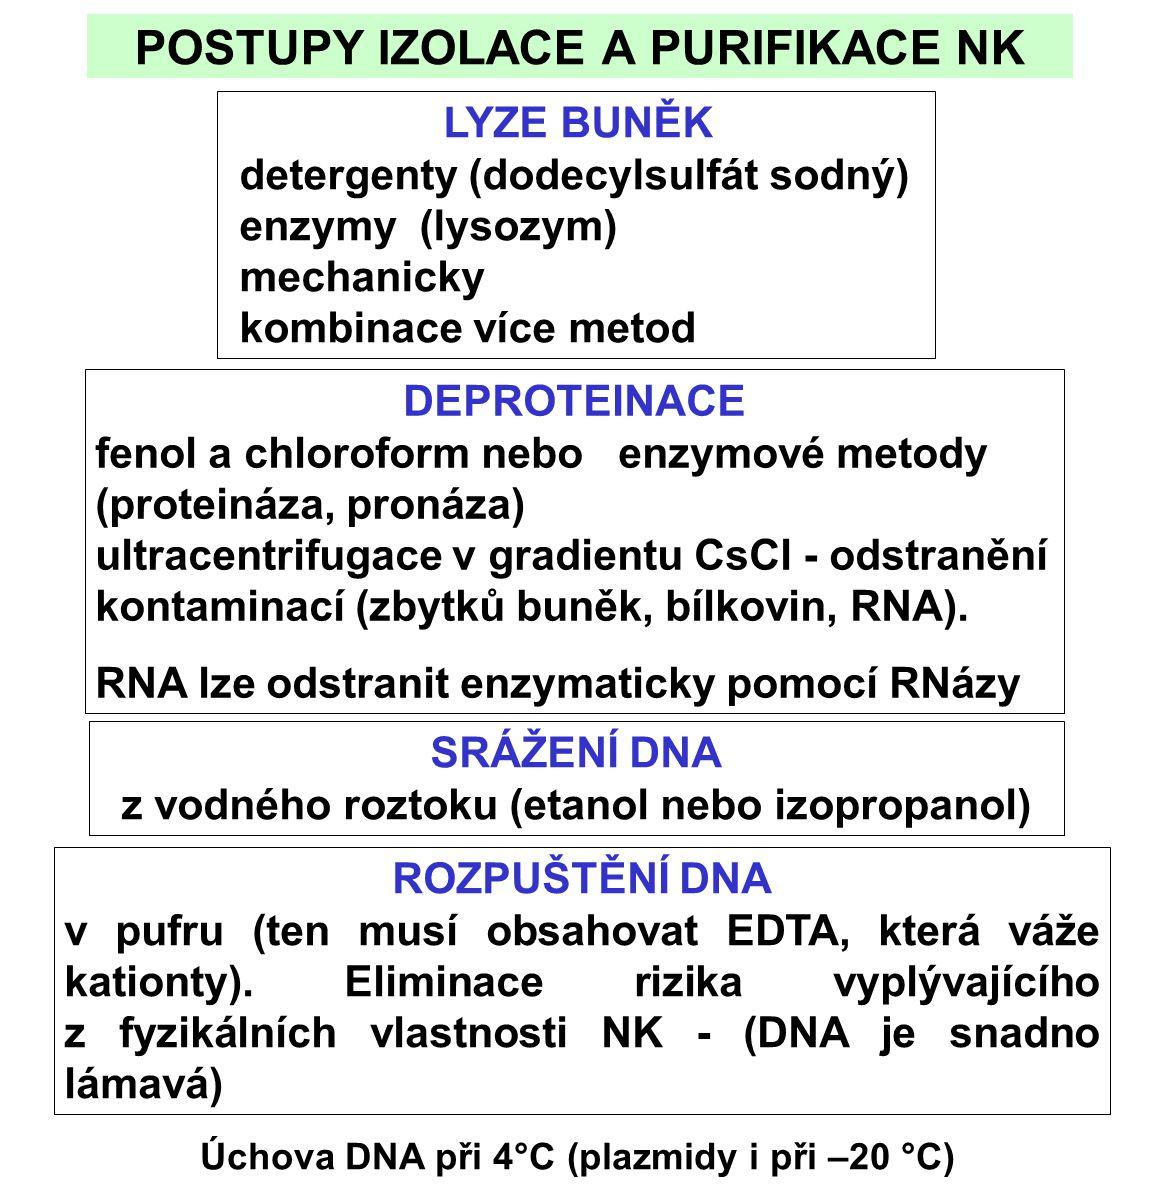 POSTUPY IZOLACE A PURIFIKACE NK